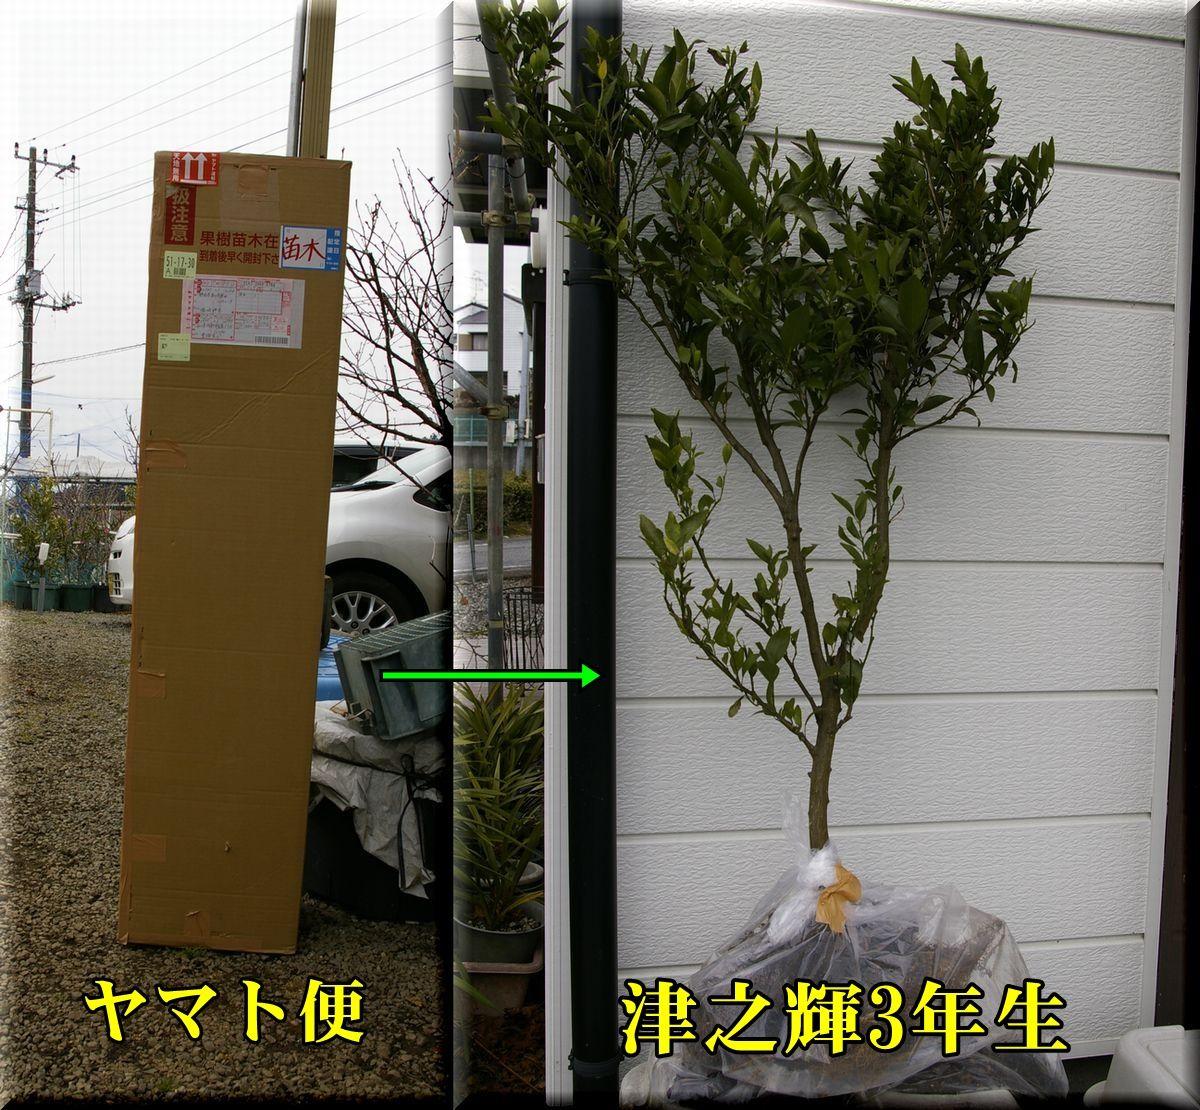 1yamato160206.jpg